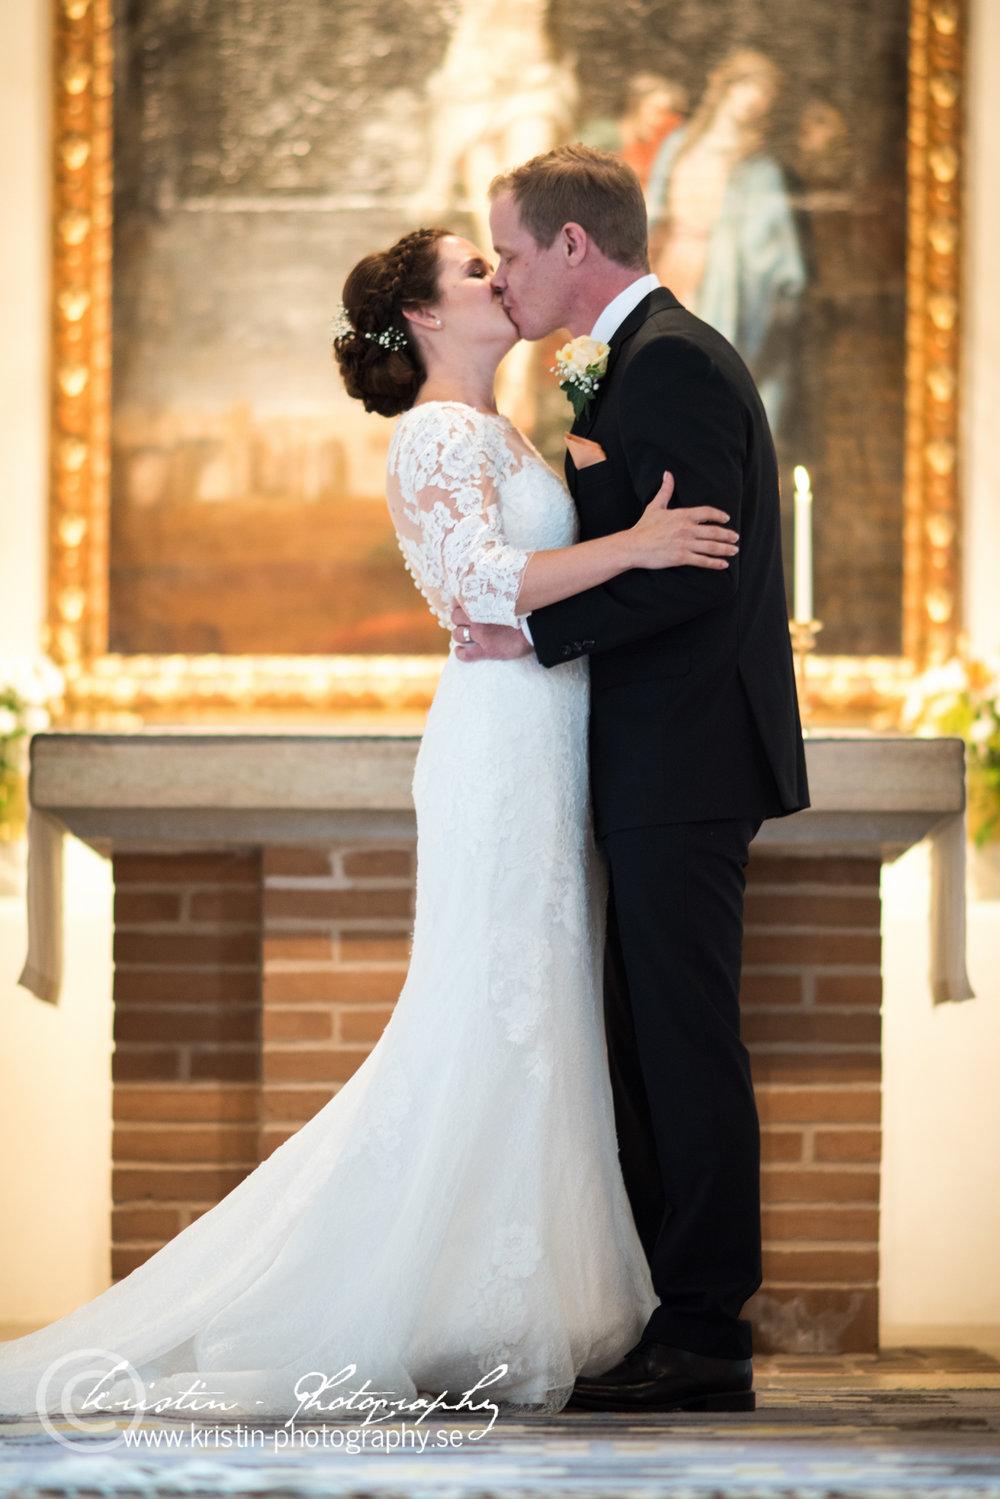 Bröllopsfotograf i Eskilstuna, Kristin - Photography, weddingphotographer -126.jpg